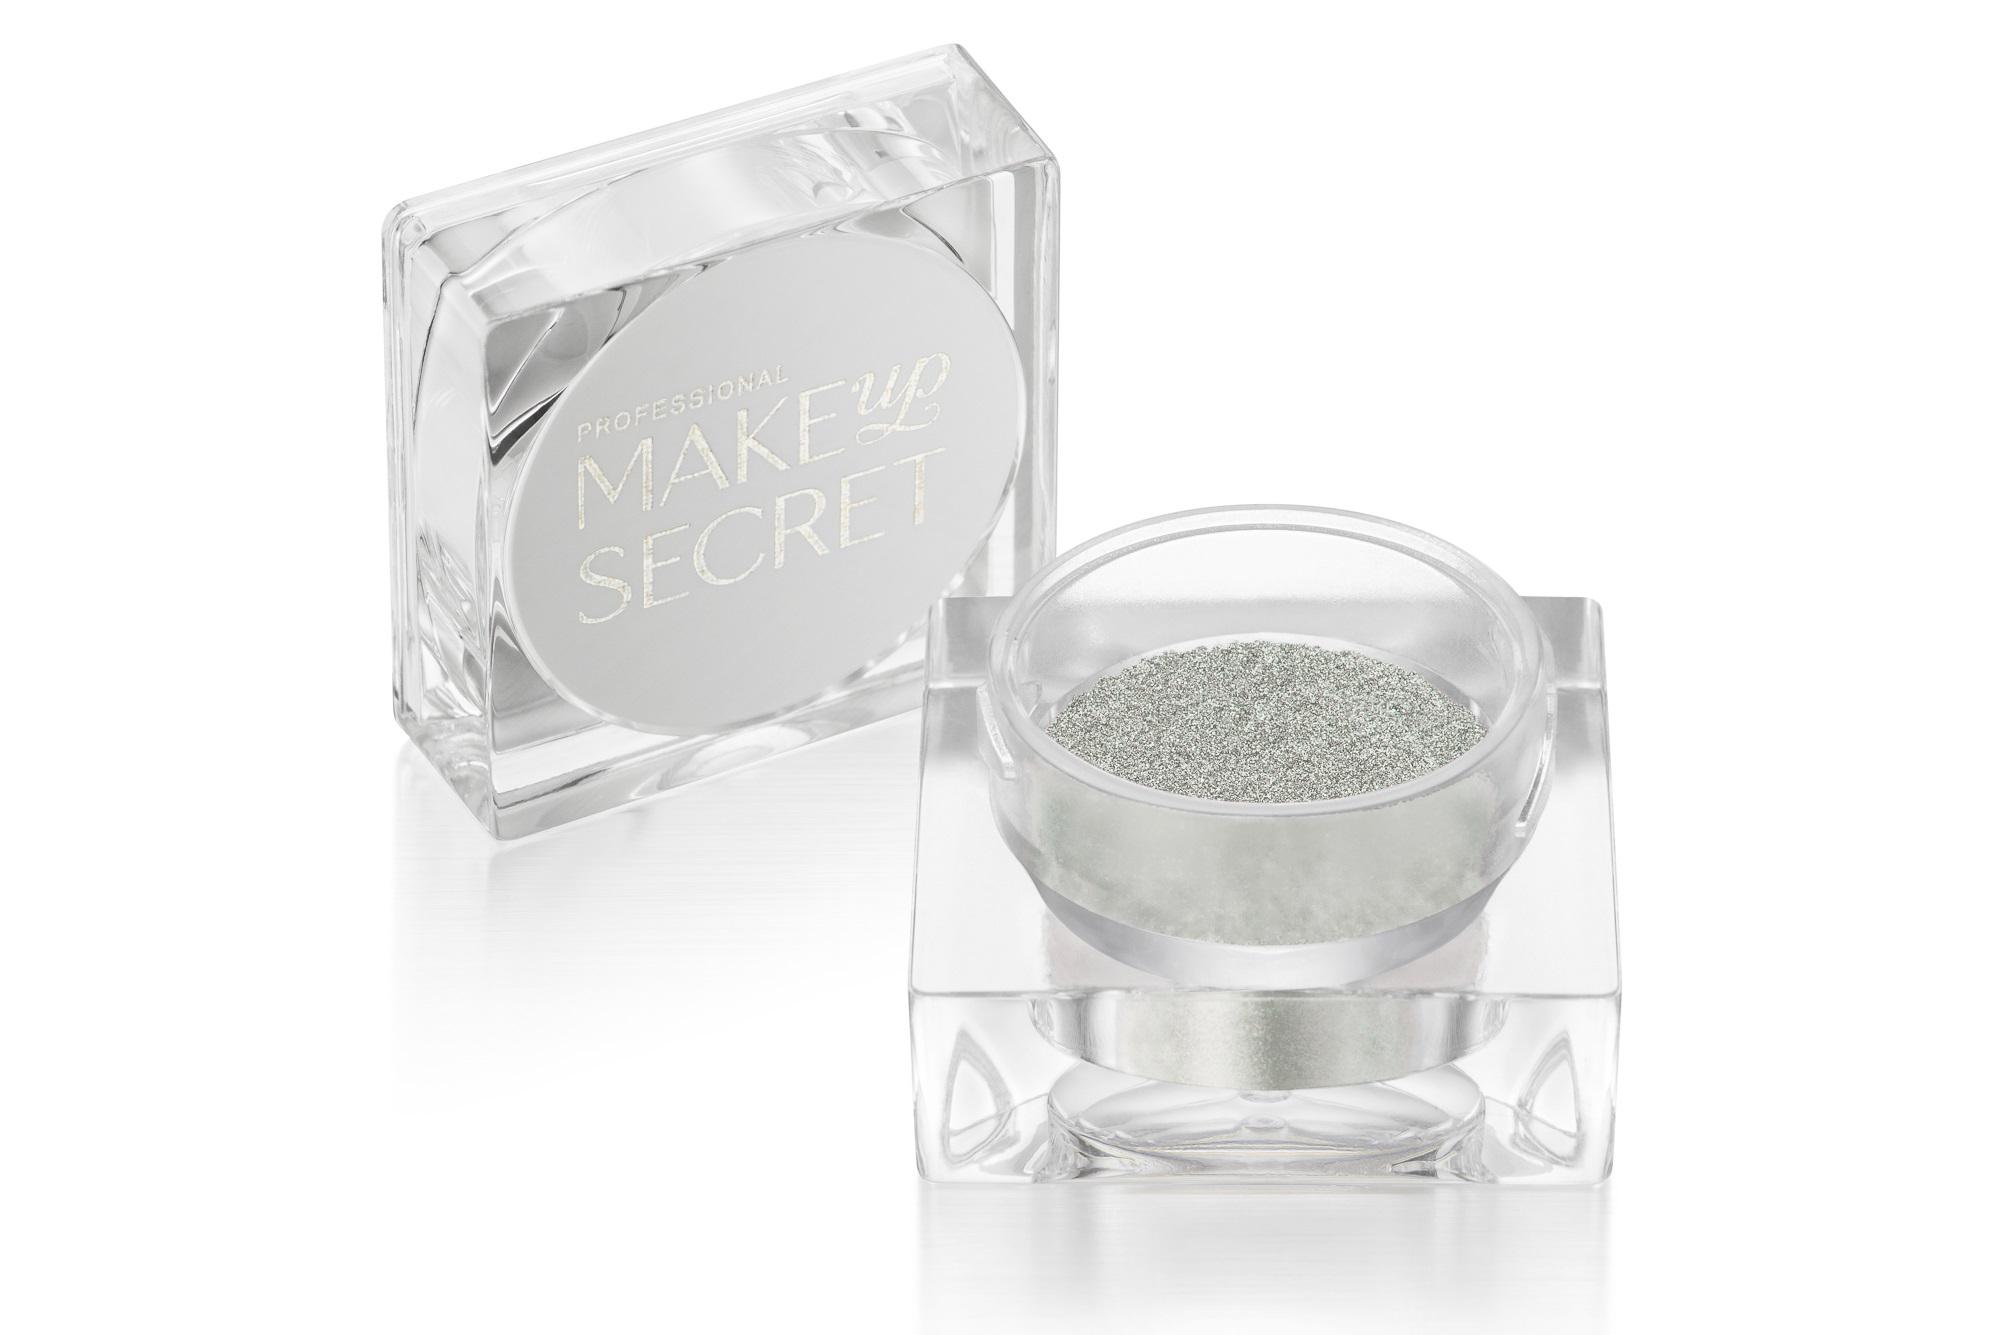 Пигменты Make up Secret MAKEUP EMOTIONS серия Star collection Silver star: фото